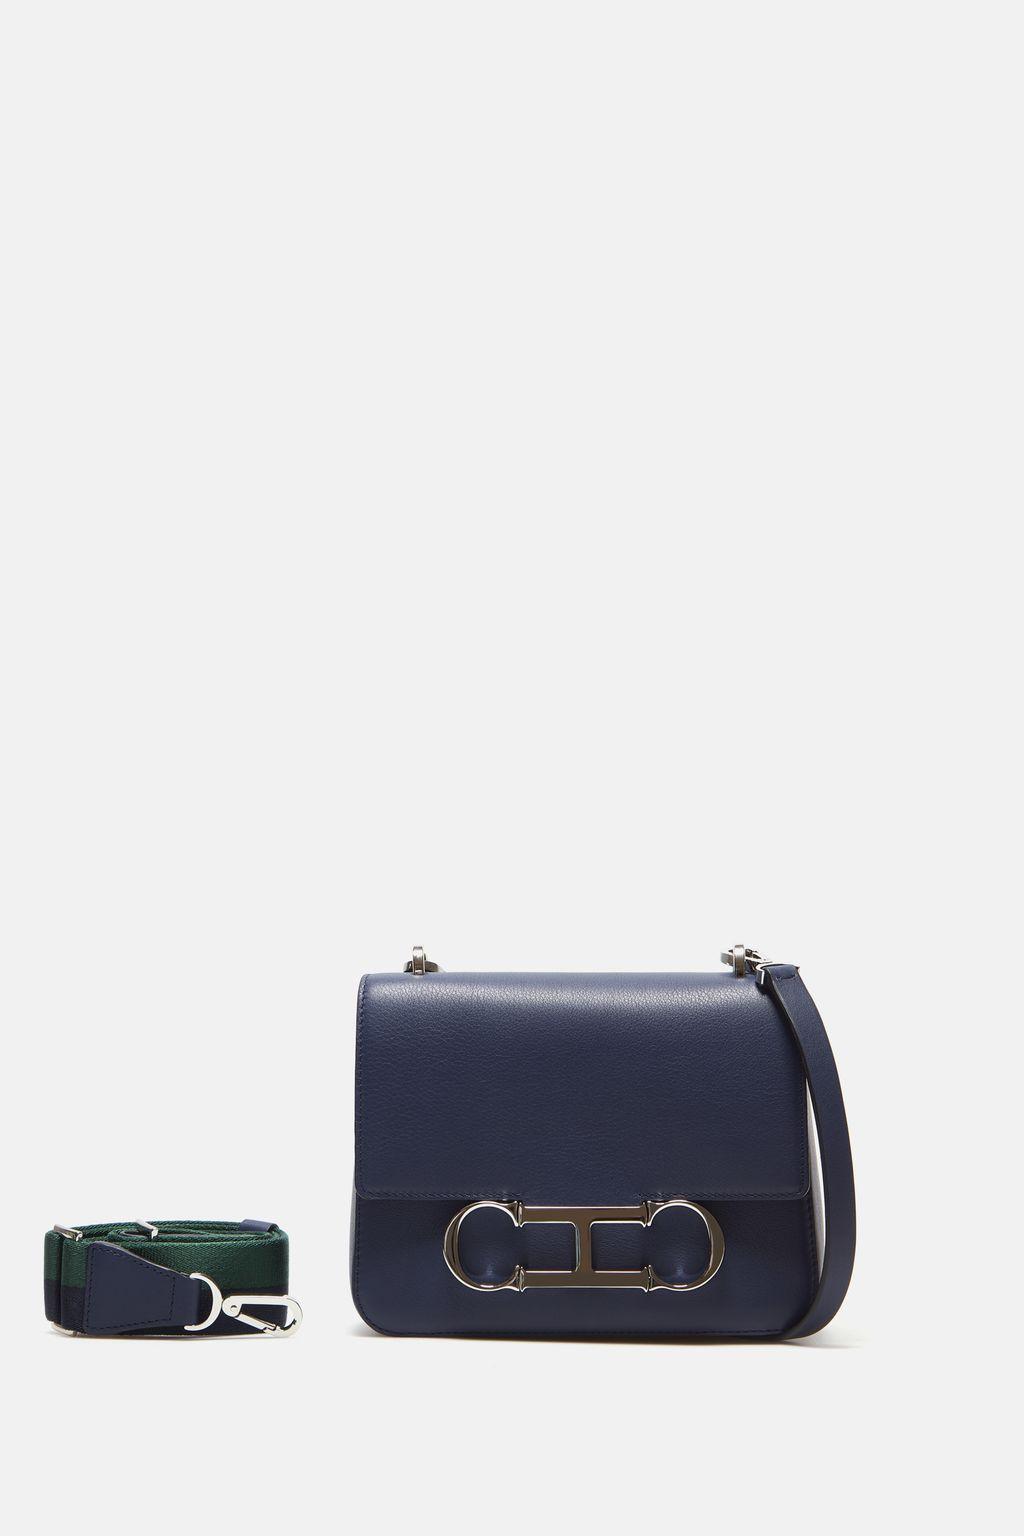 Initials Insignia | Small shoulder bag